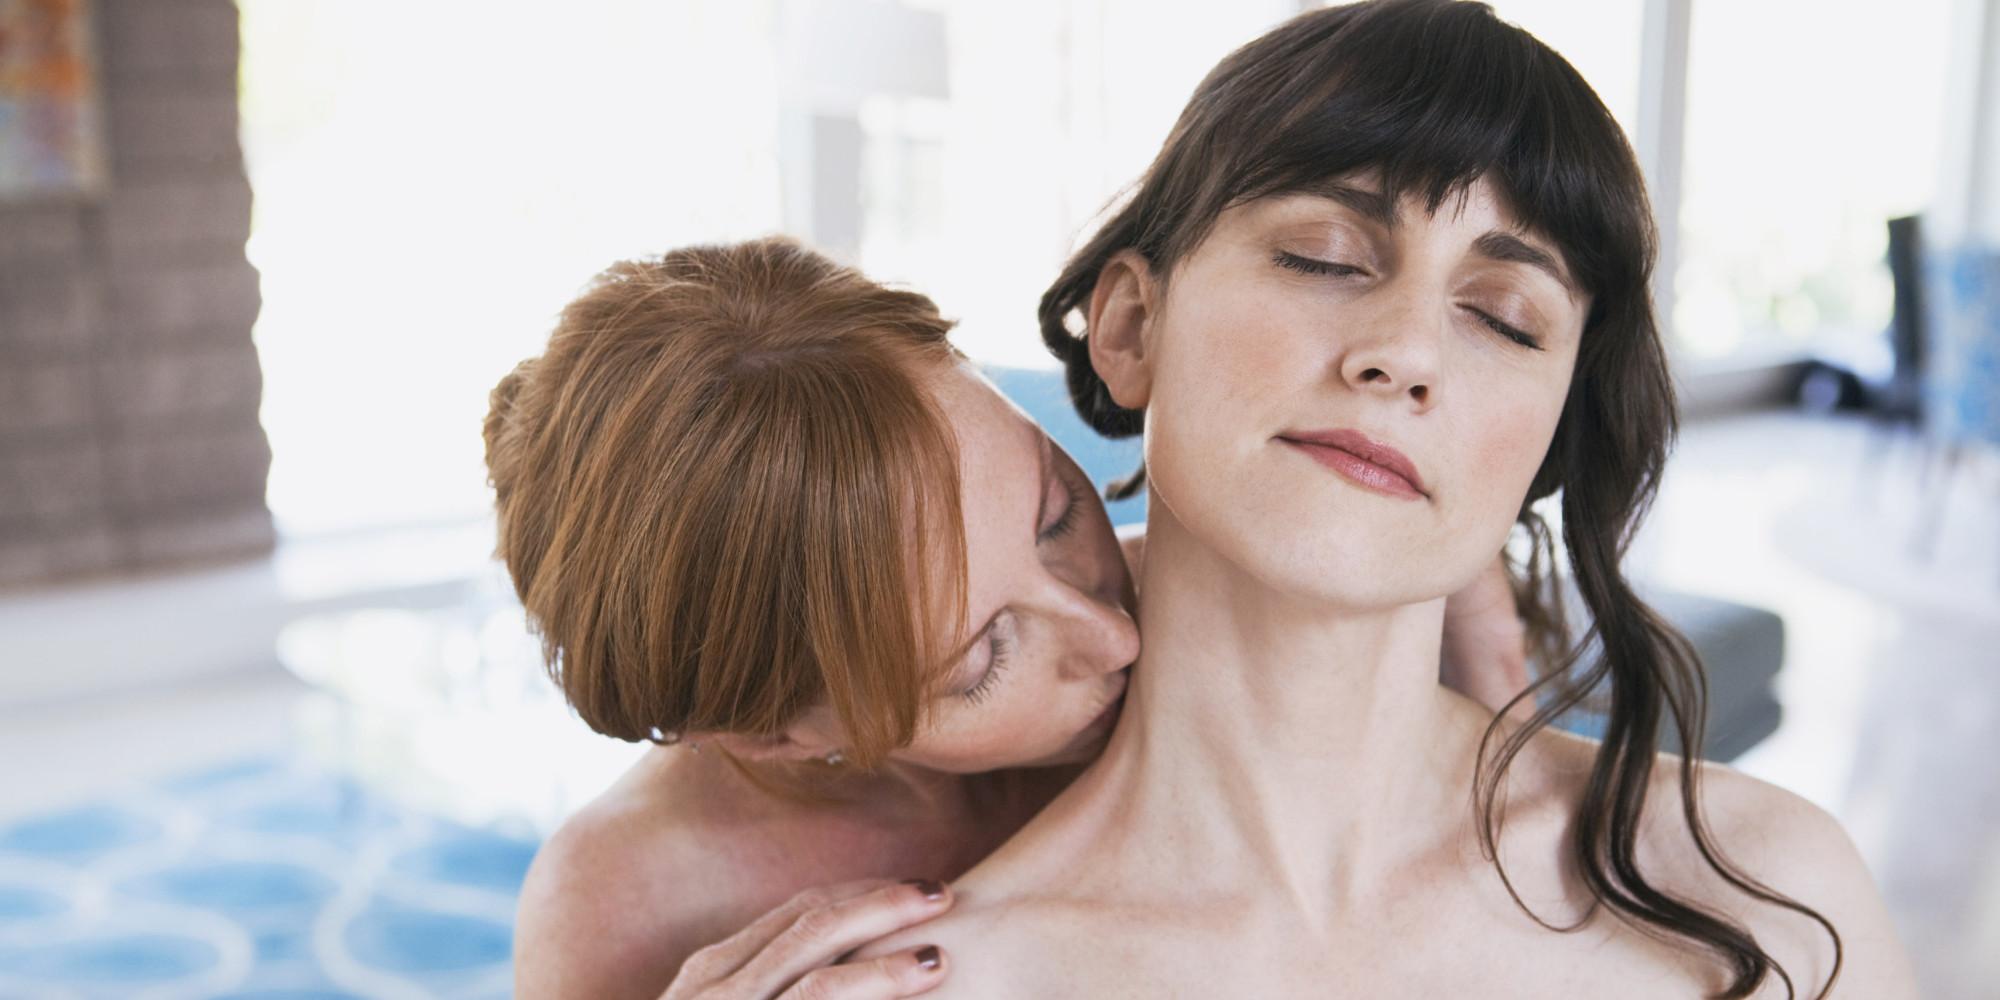 sesso fra lesbiche app chat sesso